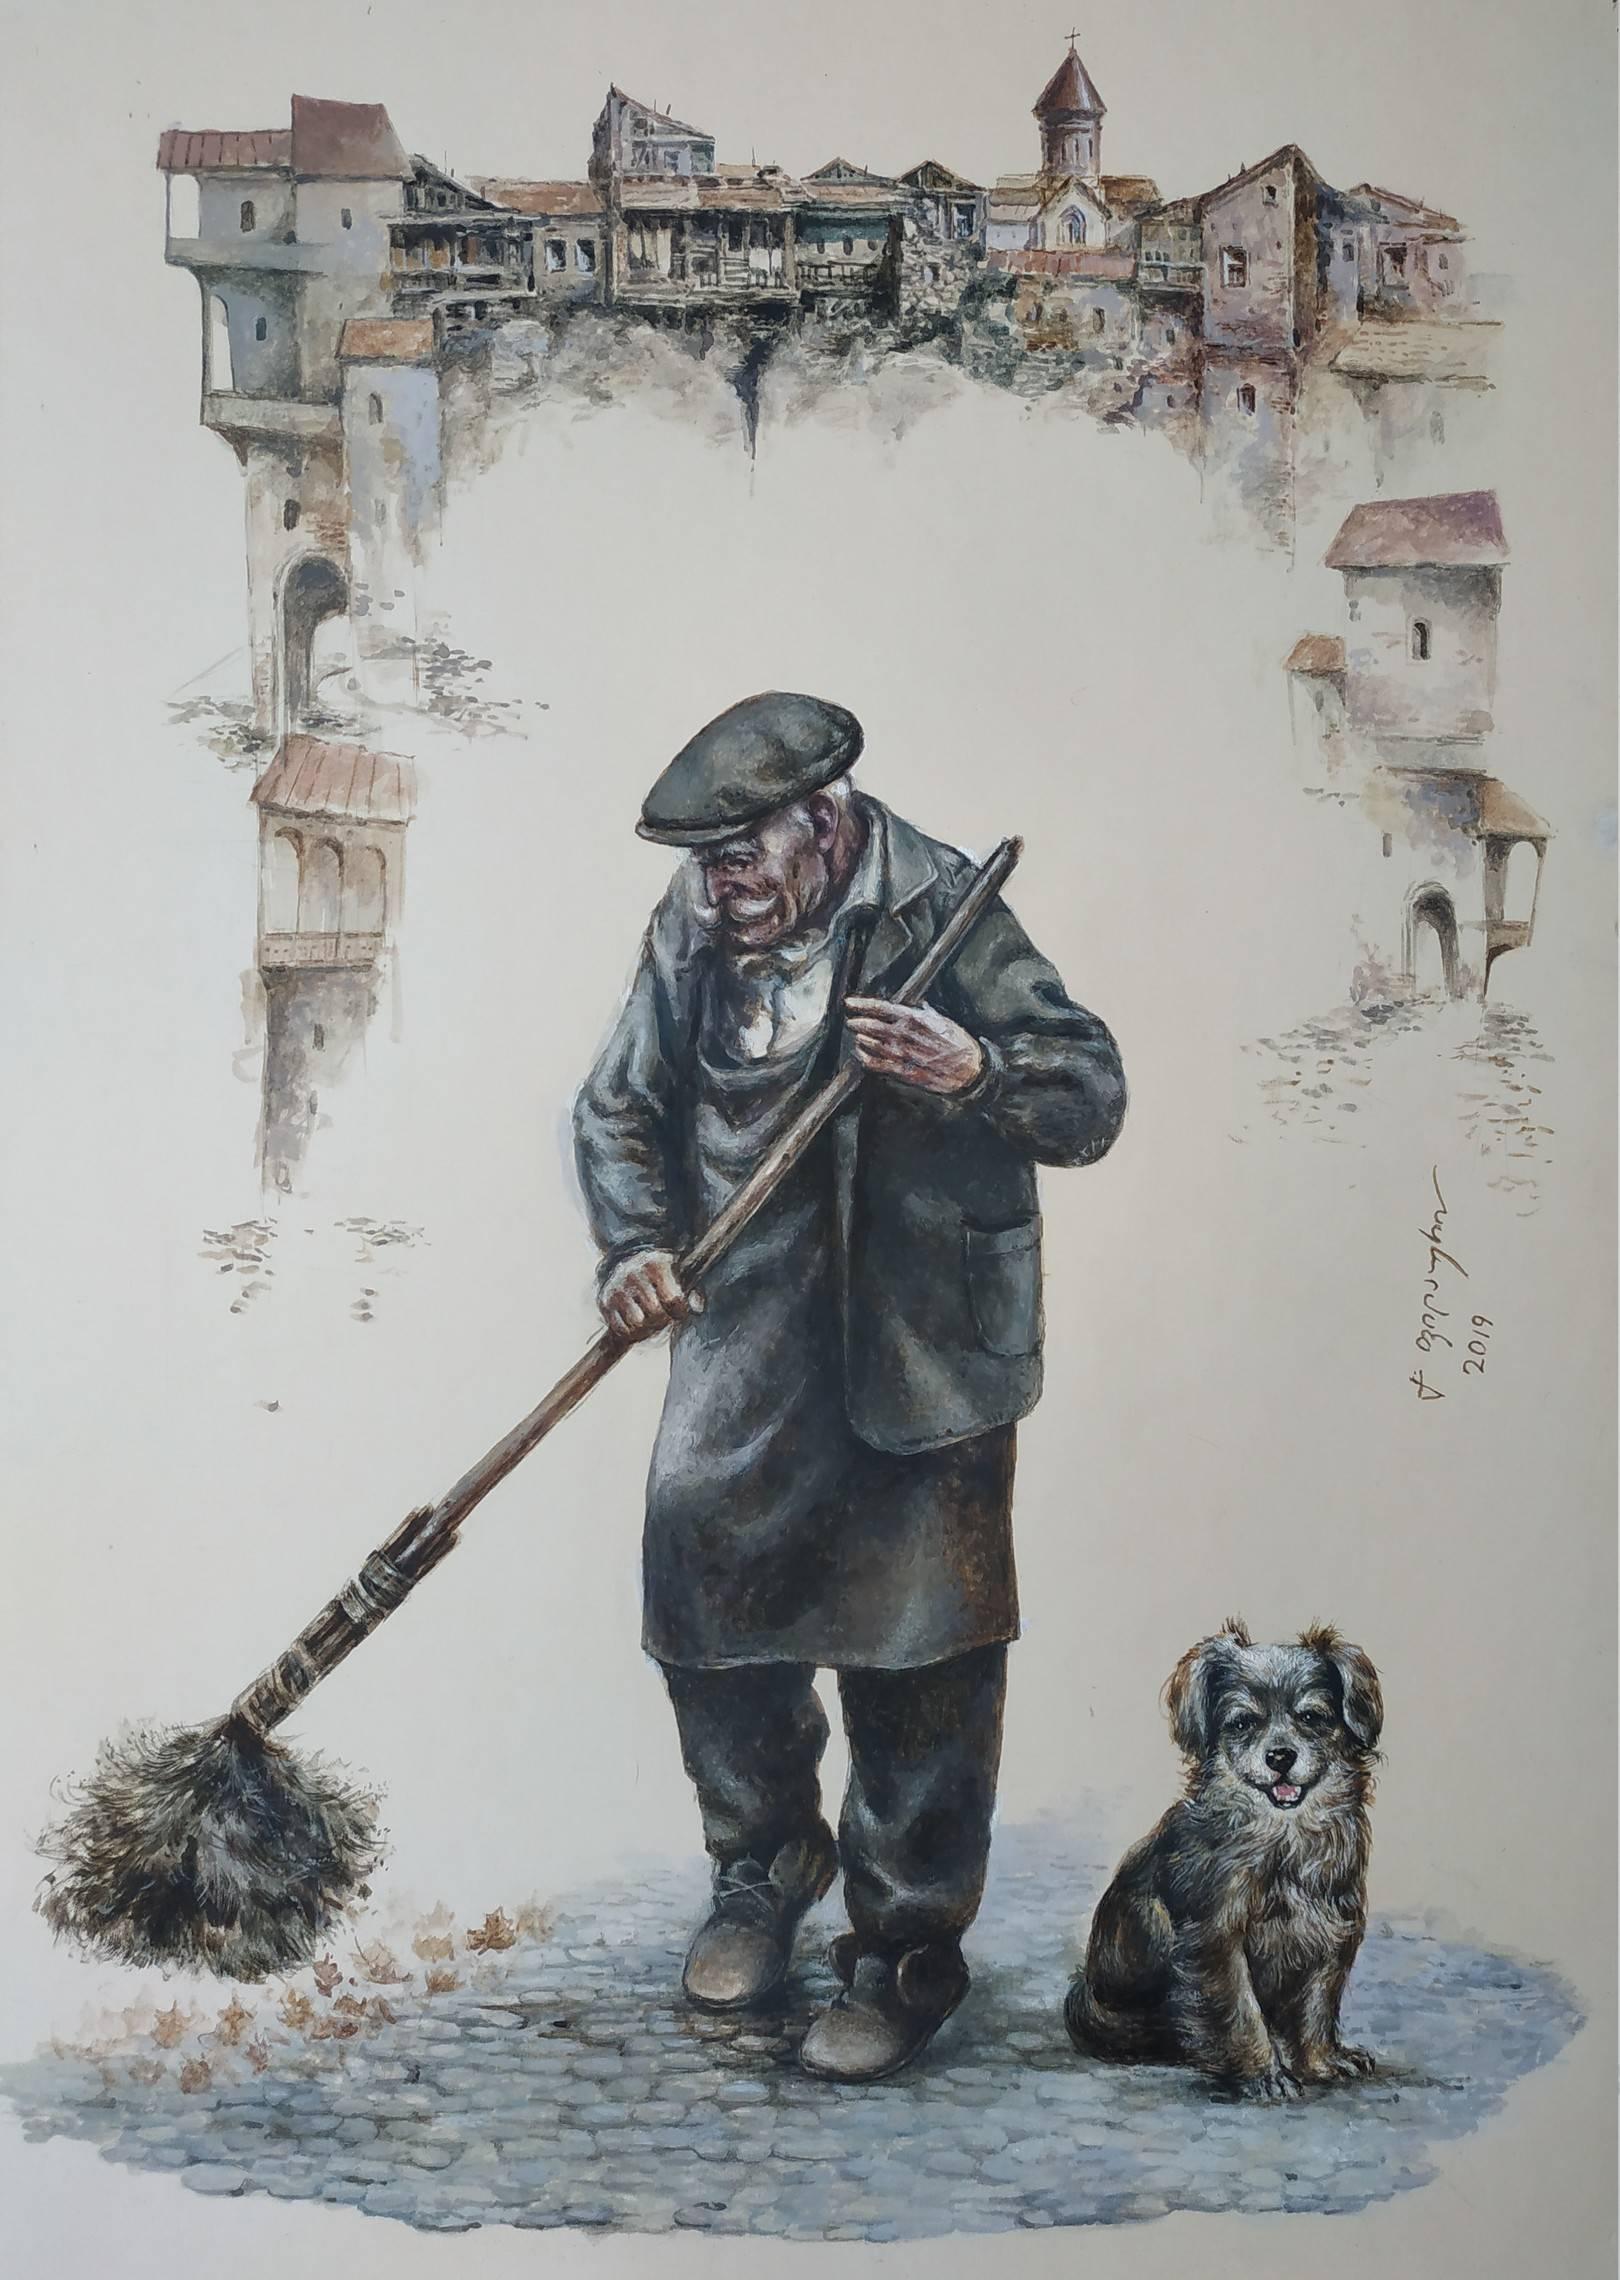 «Дворник»    бумага, акварель, гуашь «Yardman»    paper, aquarelle, gouache 53x38, 2019